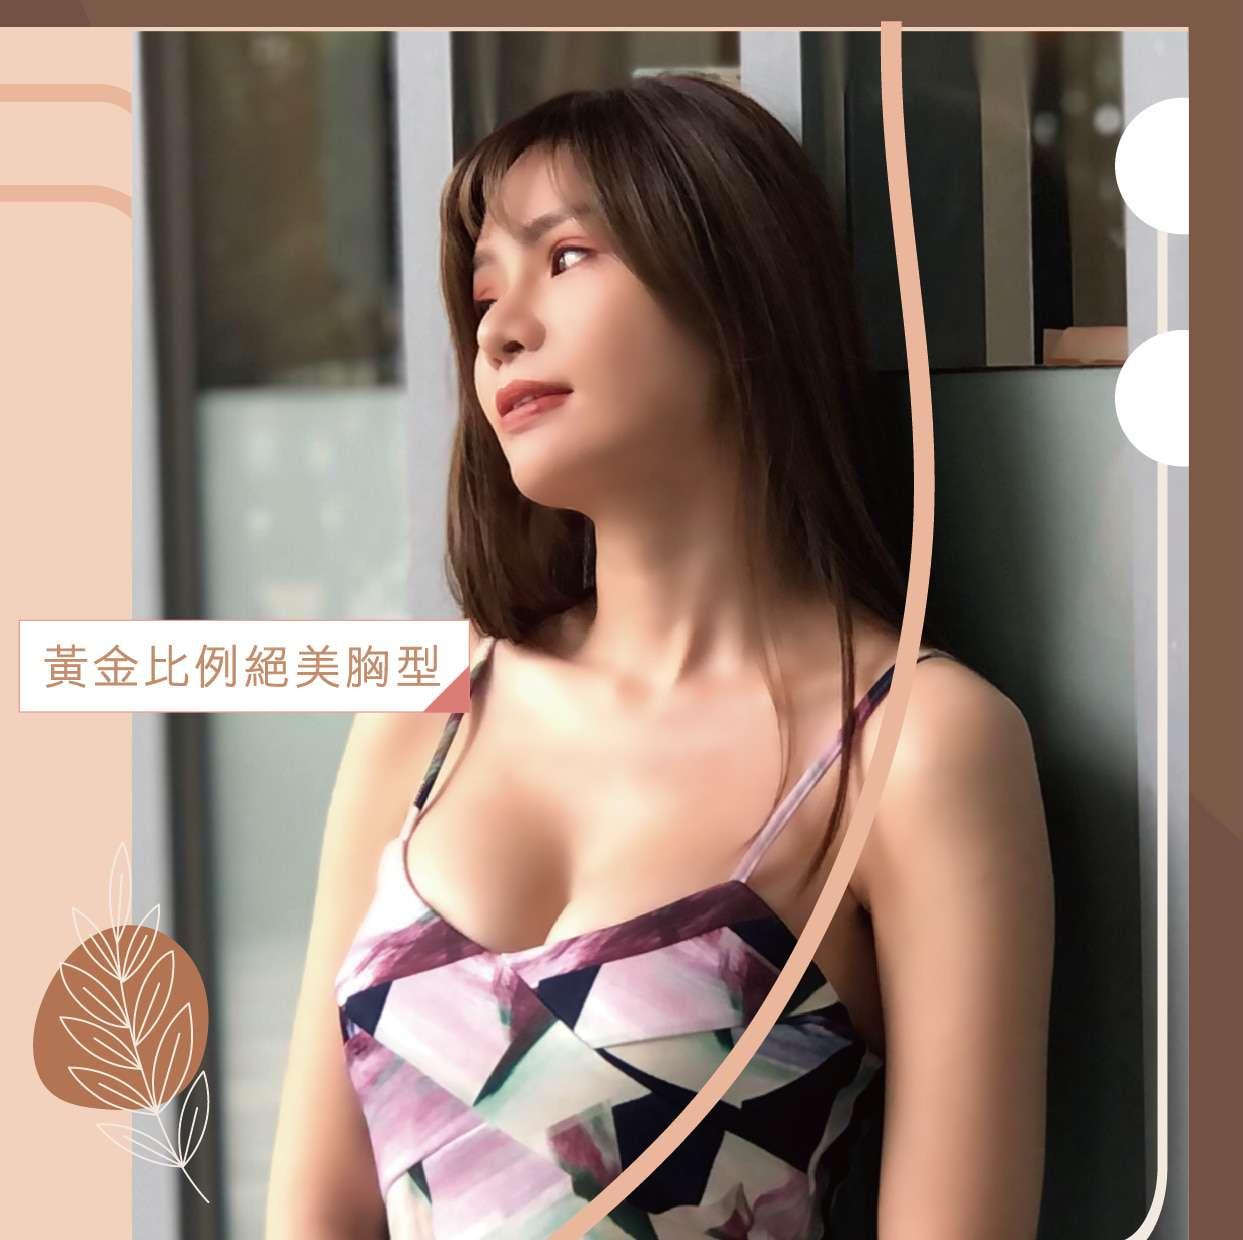 台南隆乳成功案例分享